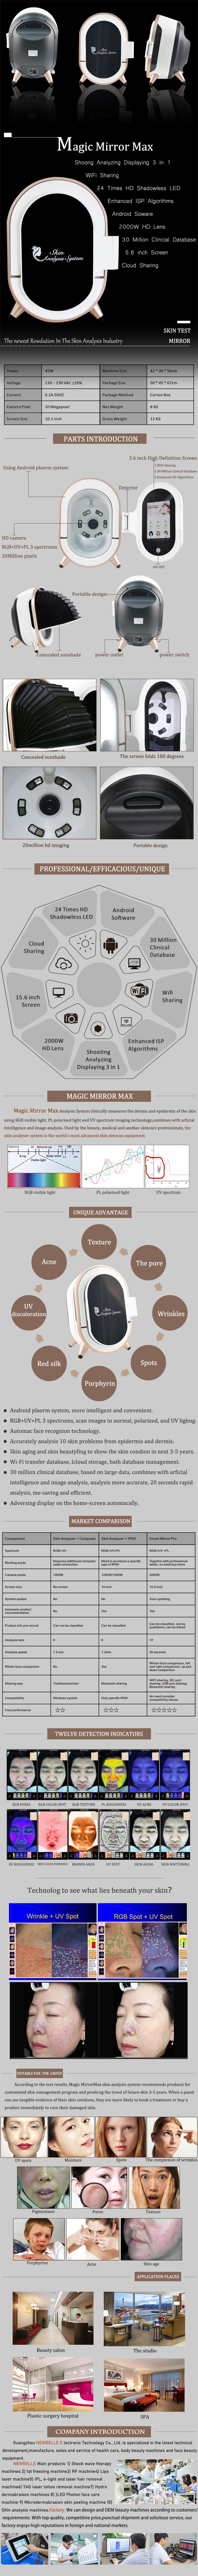 M9 Skin Analysis Machine product details